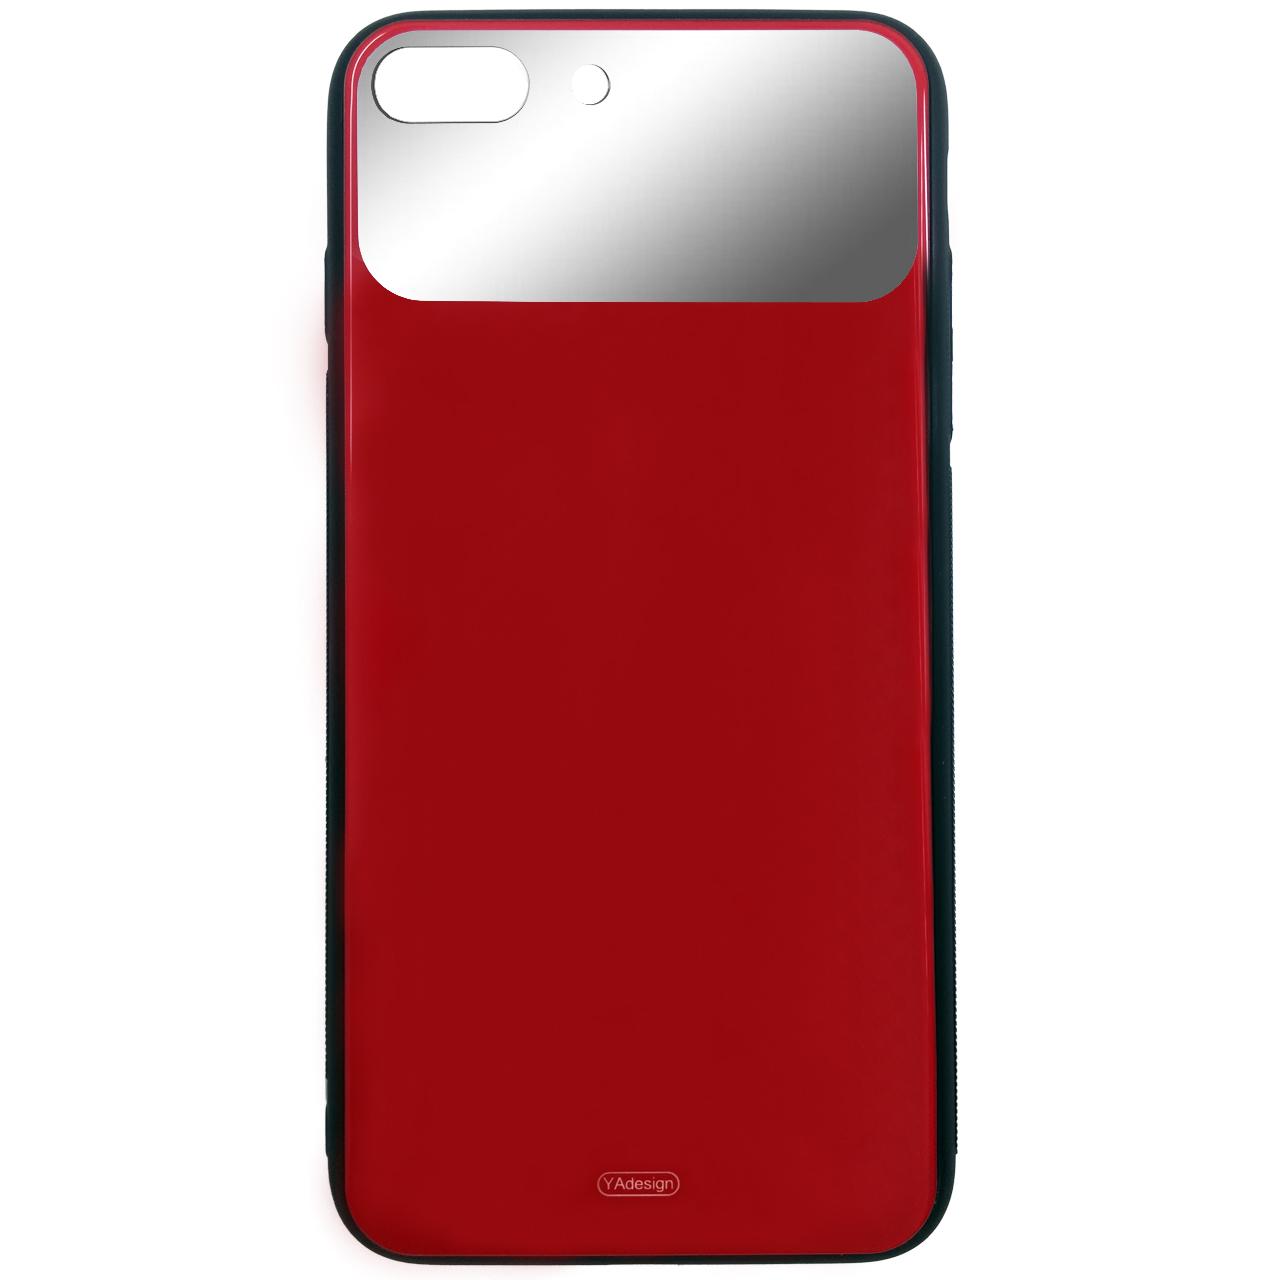 کاور یادیزاین مدل M1S7 مناسب برای گوشی موبایل اپل Iphone 7plus / 8plus